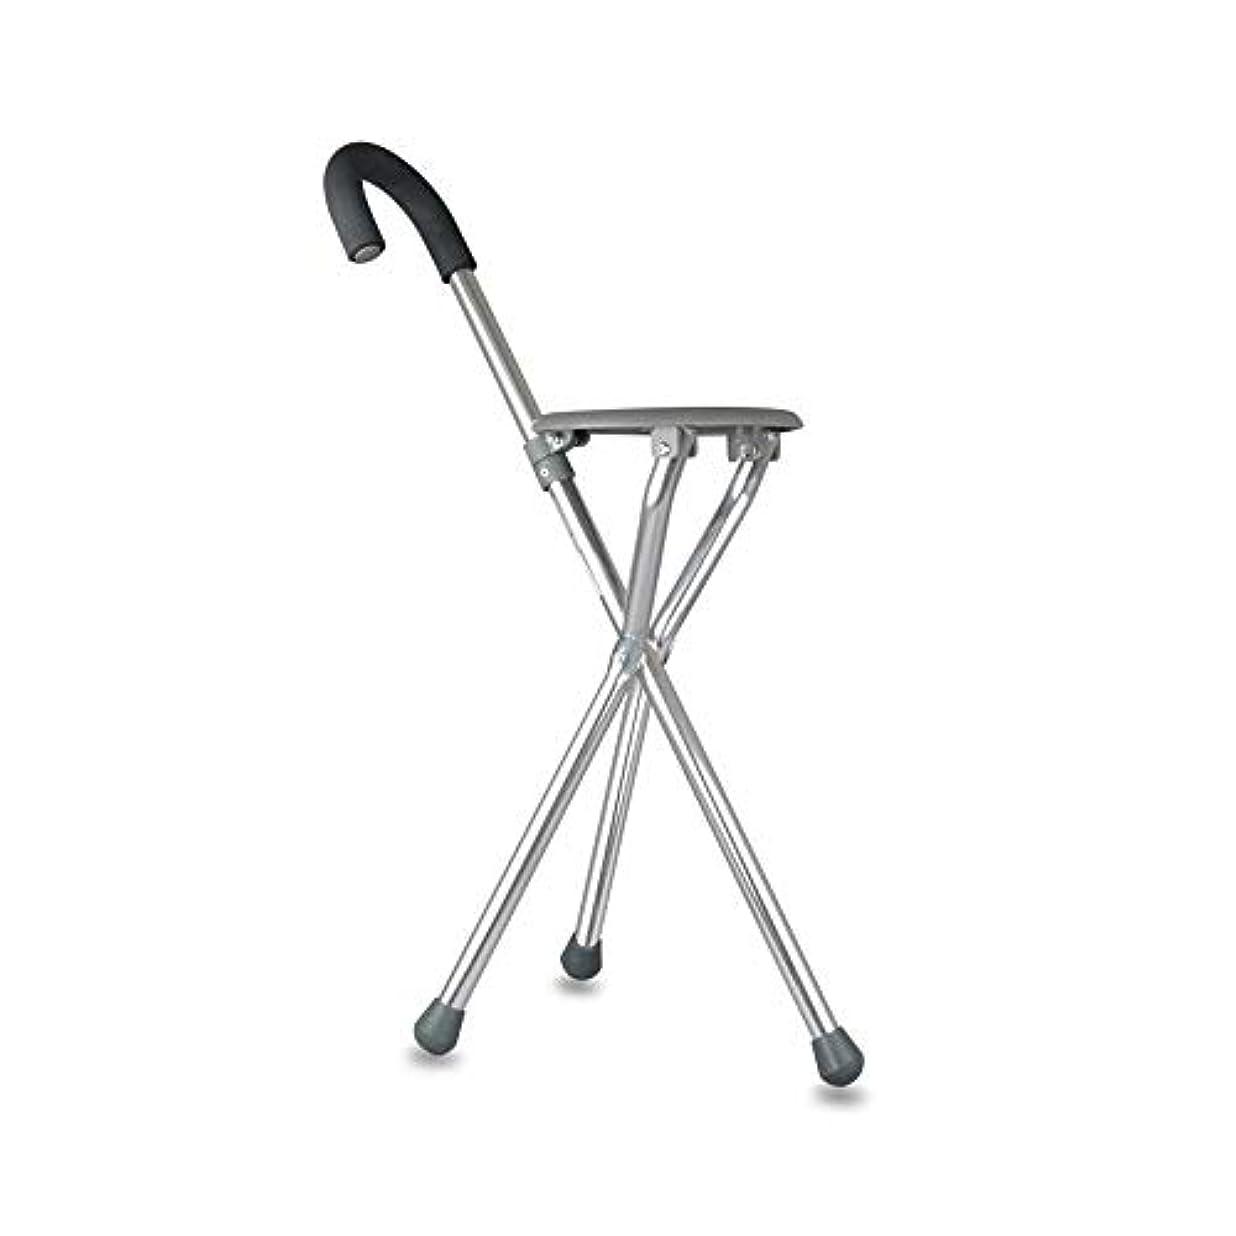 ドレススーツケースはちみつ高齢者用杖スツール-高齢者に適したステンレススチール製折りたたみ式ウォーカー、ツーインワン